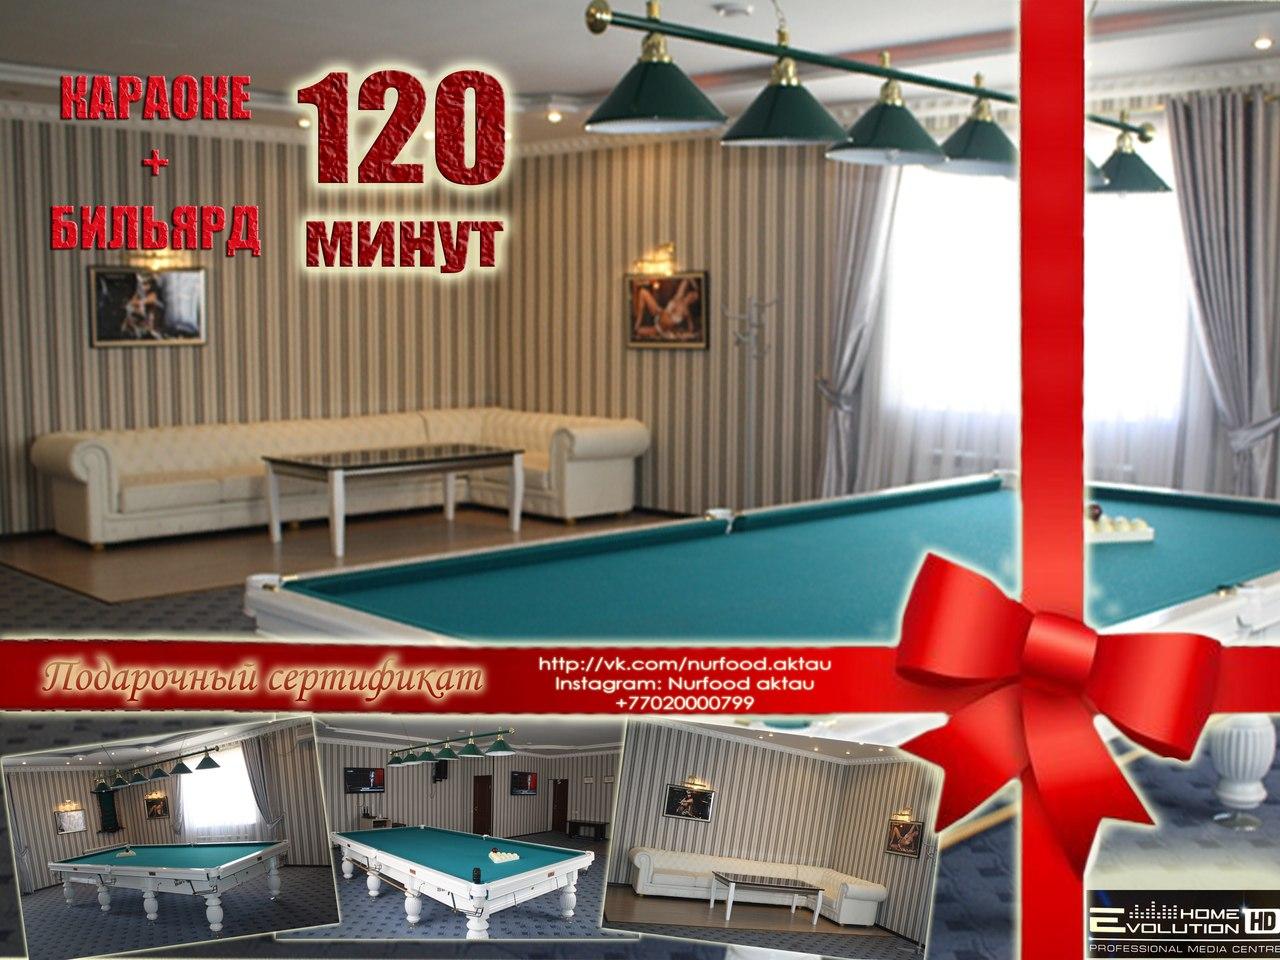 Дорогие друзья у Вас есть все шансы стать обладателями этих призов 11 апреля в Lounge bar Dado